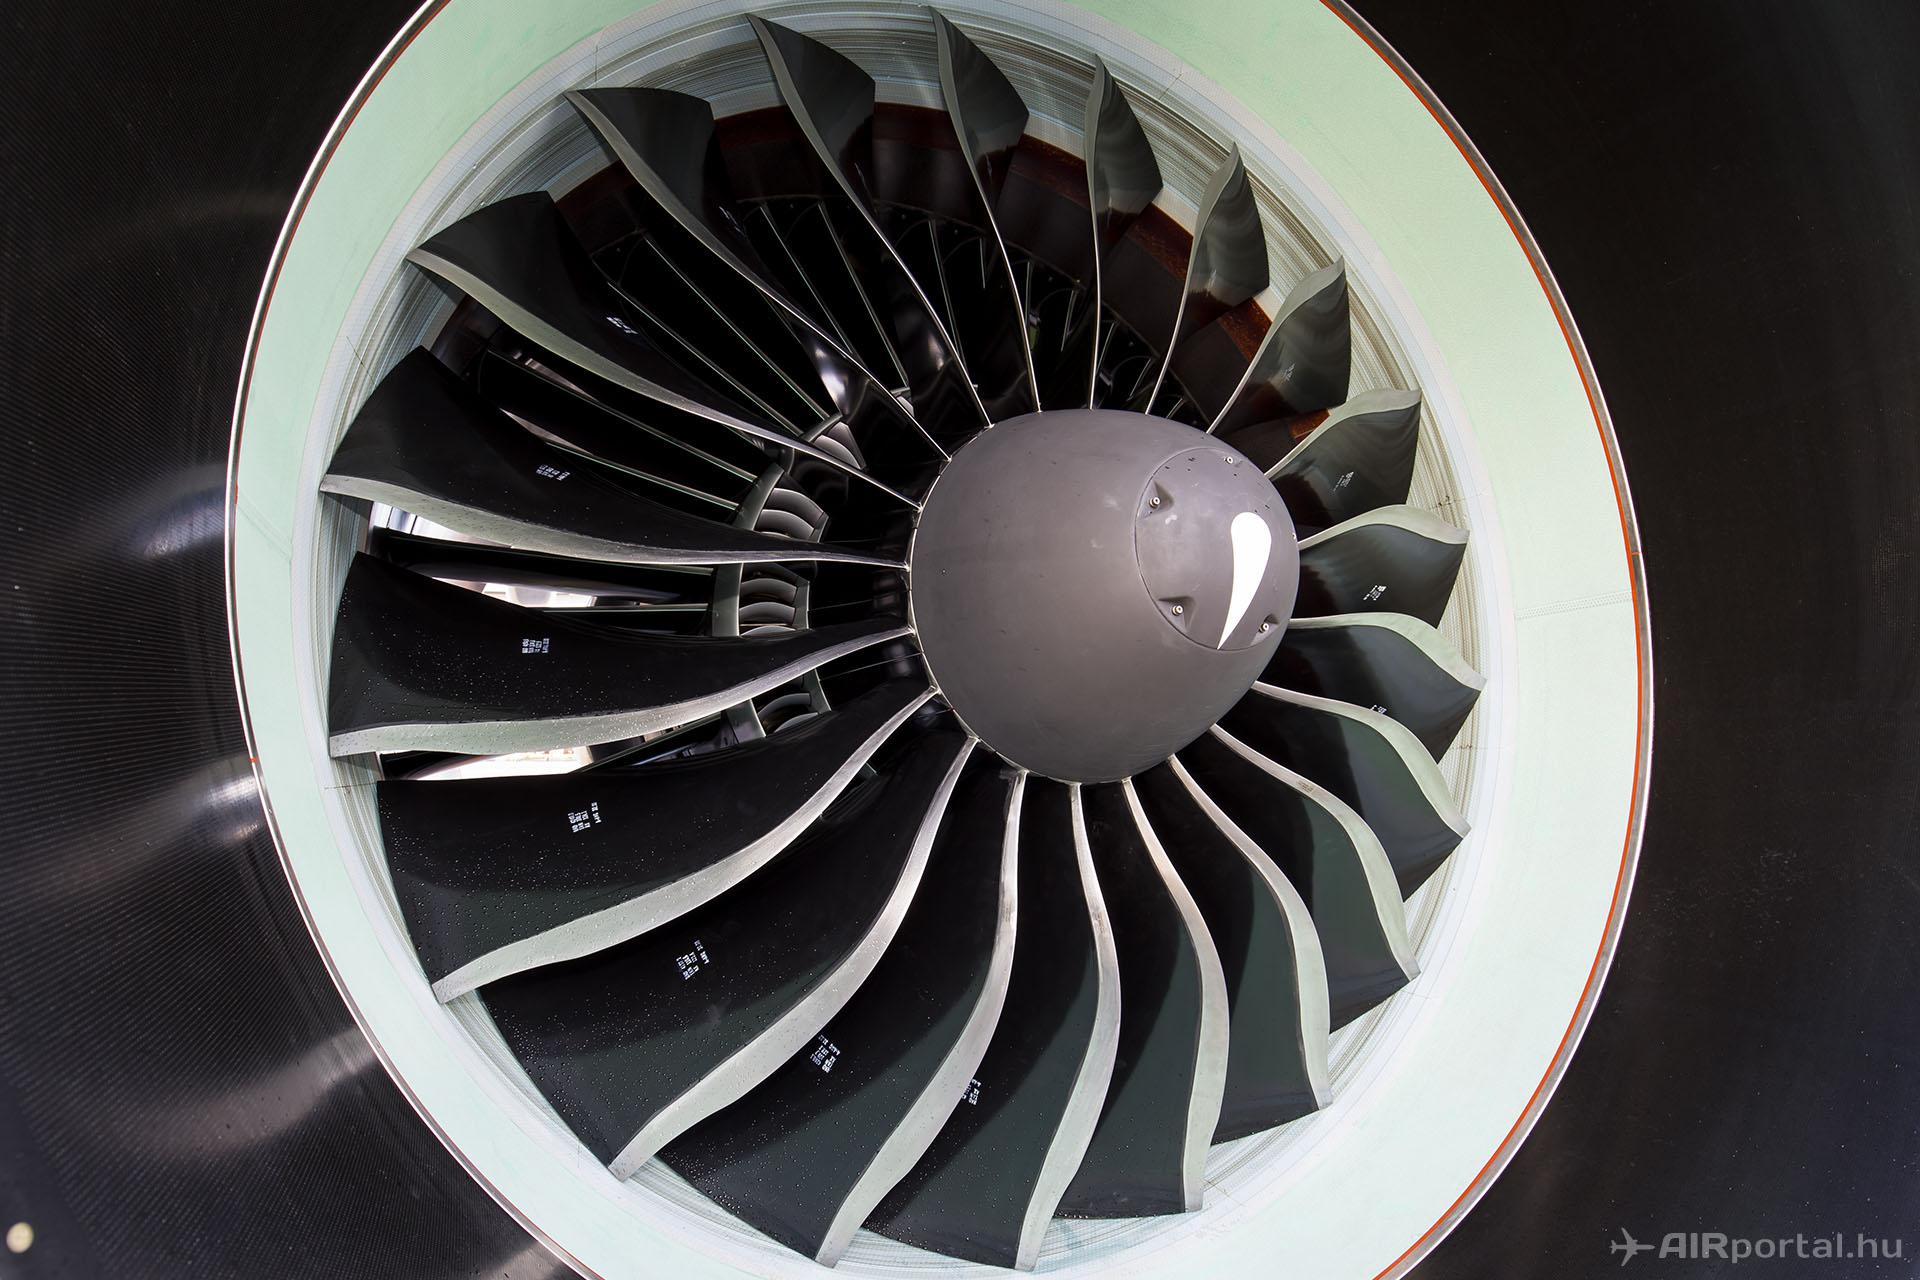 PW1100G-JM 206 centiméteres átmérővel. Meggyőző. | © AIRportal.hu